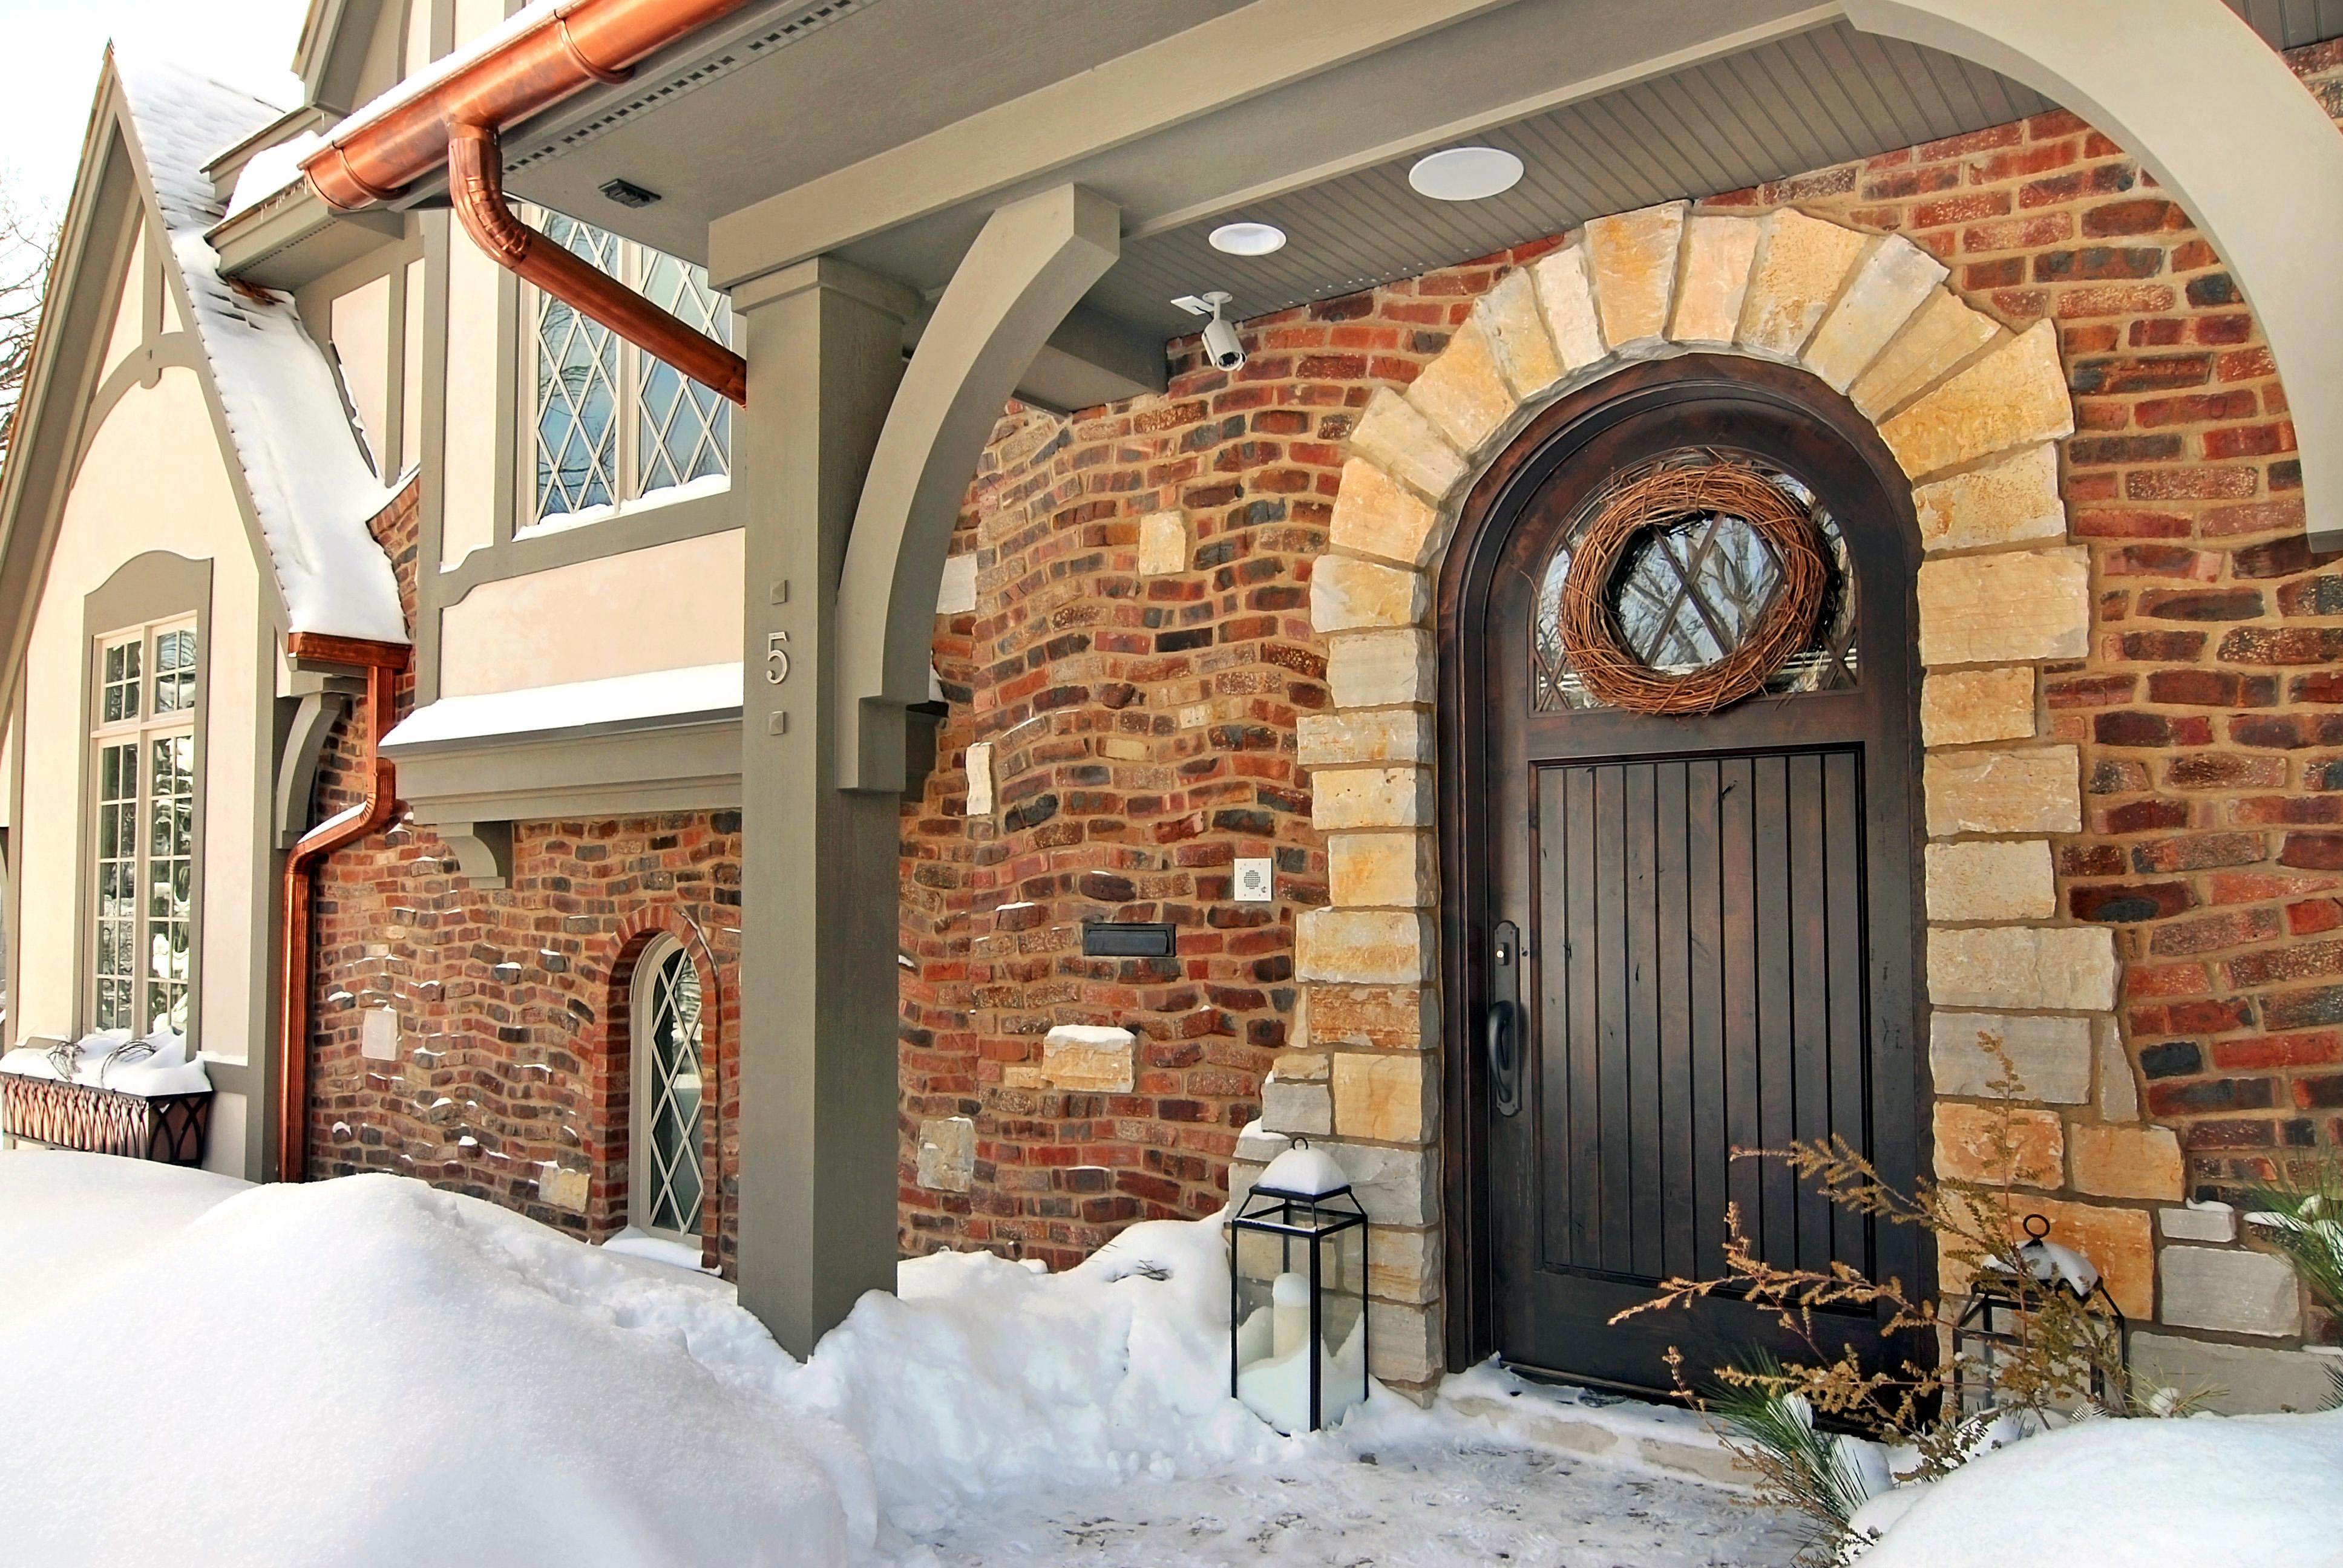 Great neighborhood homes custom home builder storybook for Build storybook